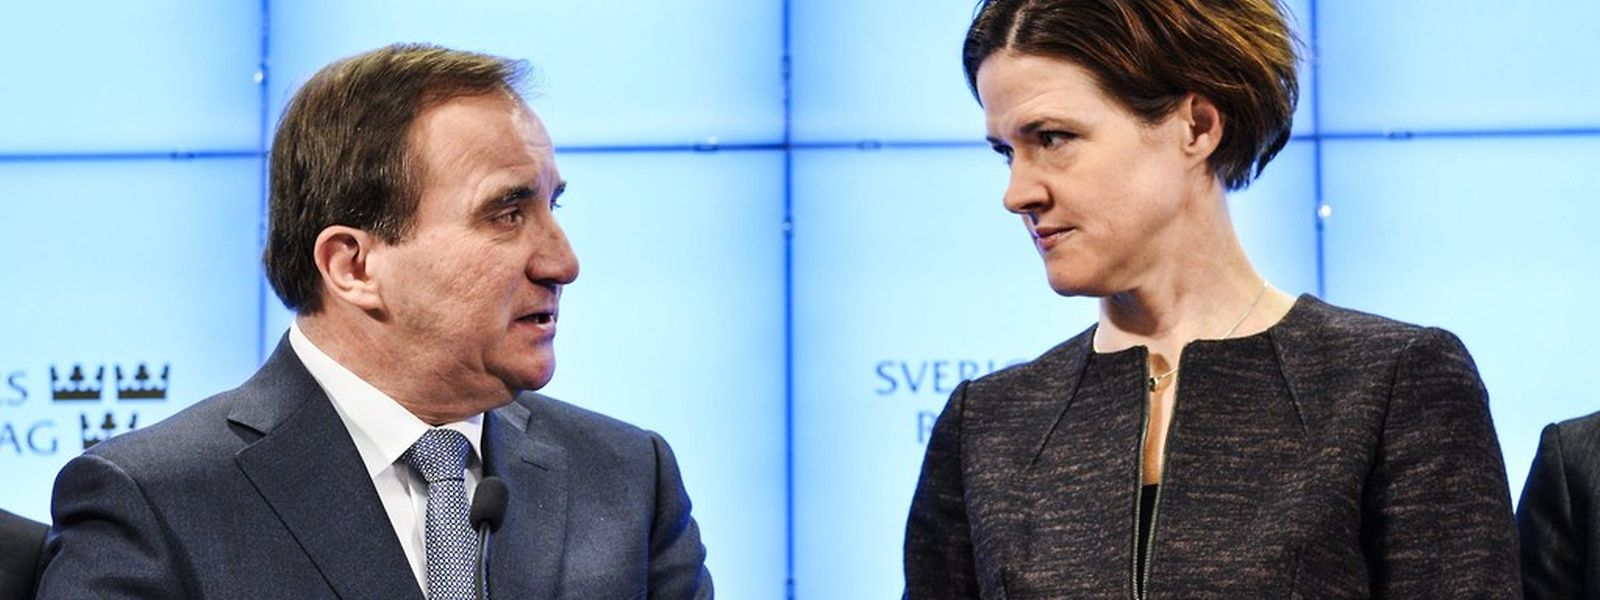 Stefan Loefven (l.) und Anna Kinberg Batra bei der Pressekonferenz.